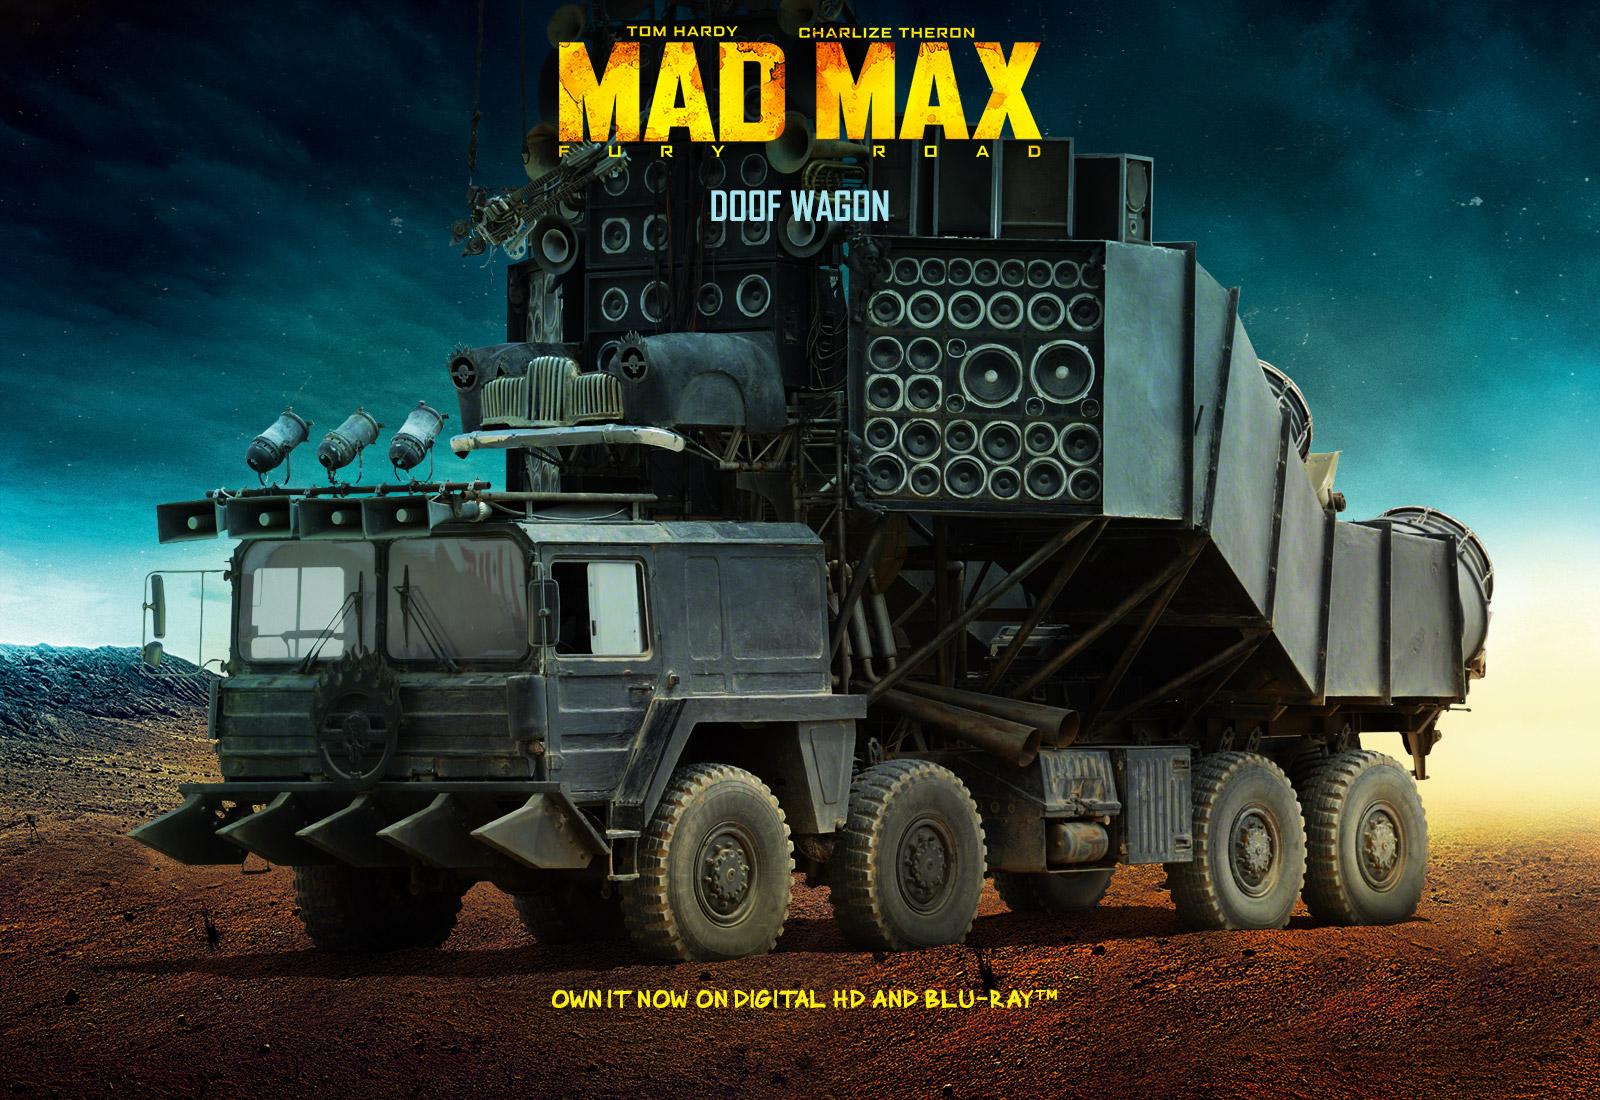 http://vehicleshowcase.madmaxmovie.com/images/download/madmax_doofwagon.jpg